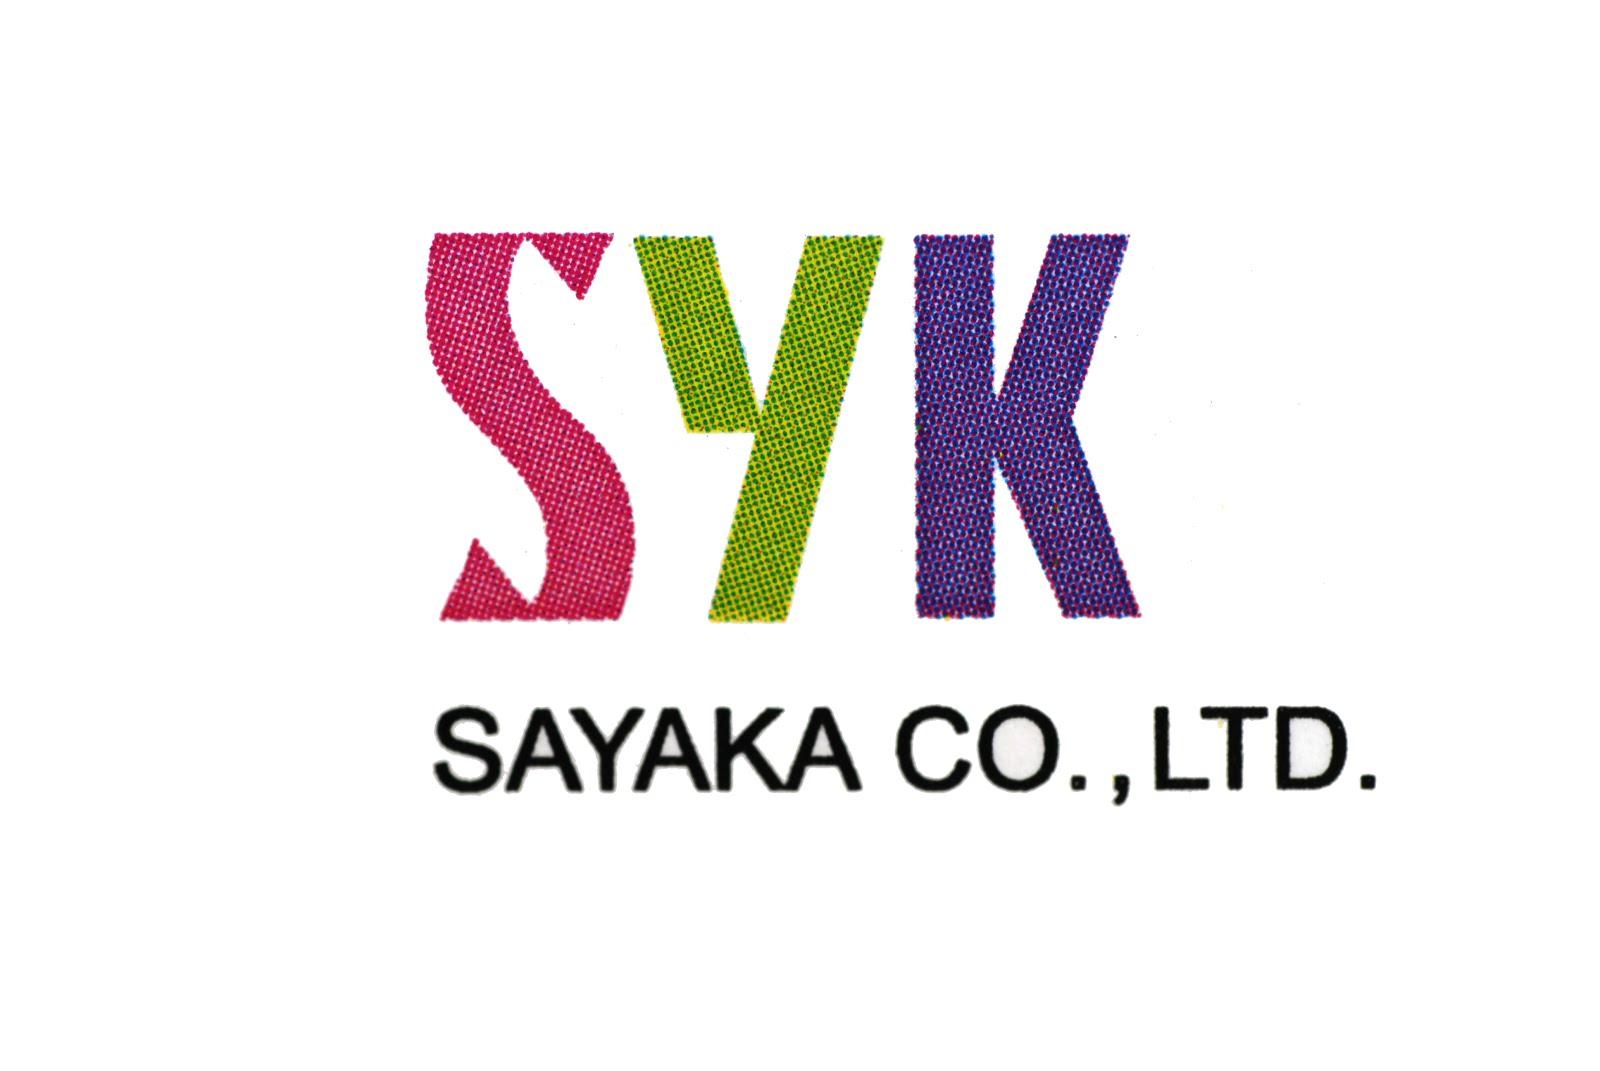 株式会社サヤカ